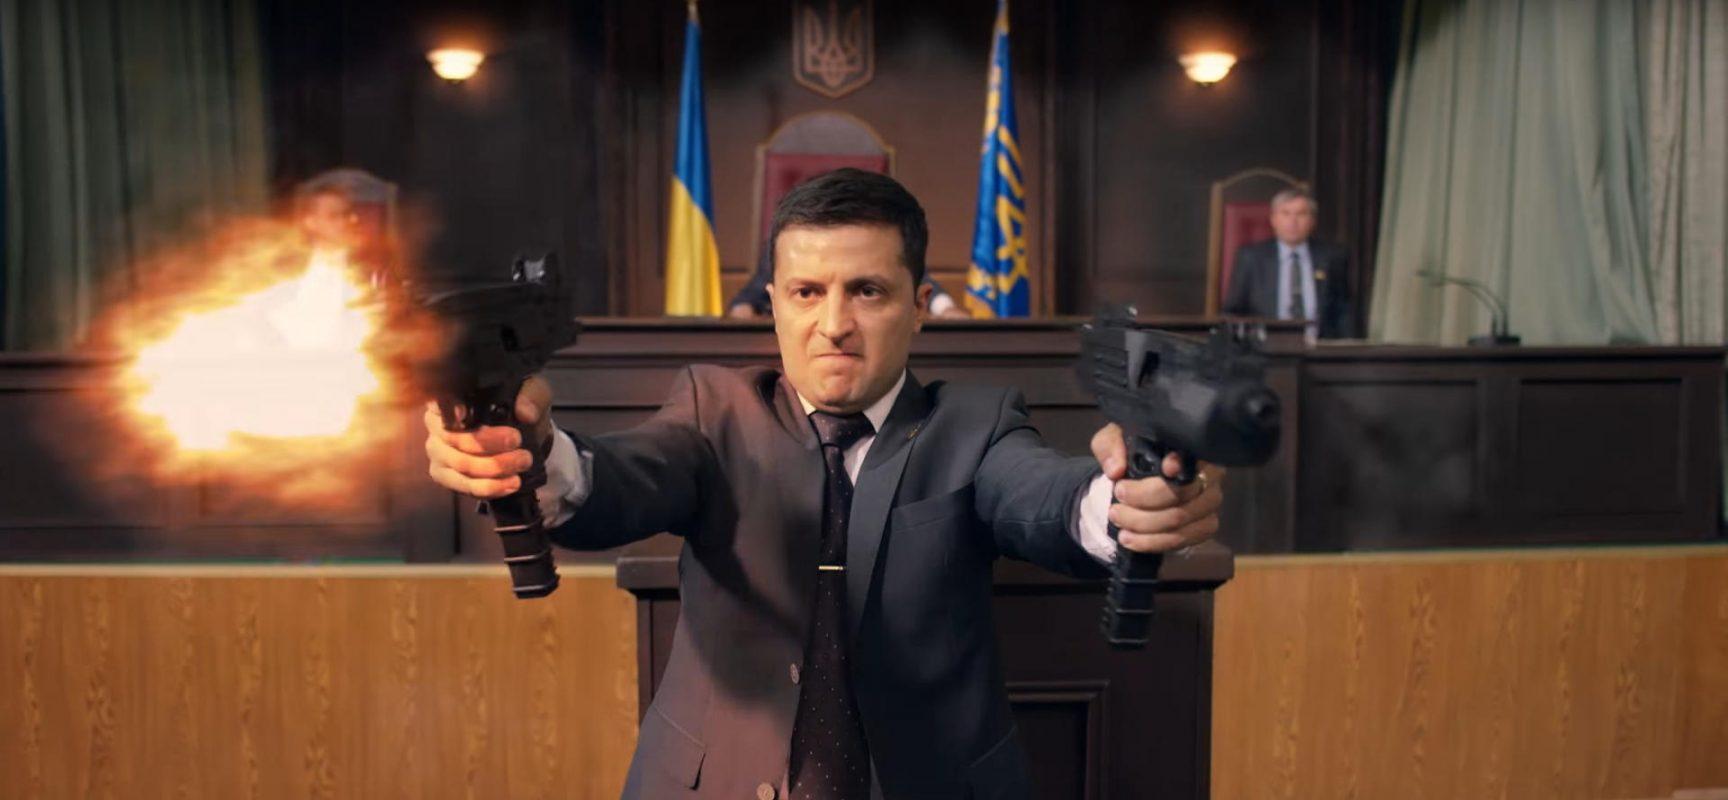 Gli ucraini voteranno per Zelensky o per Holoborodko?